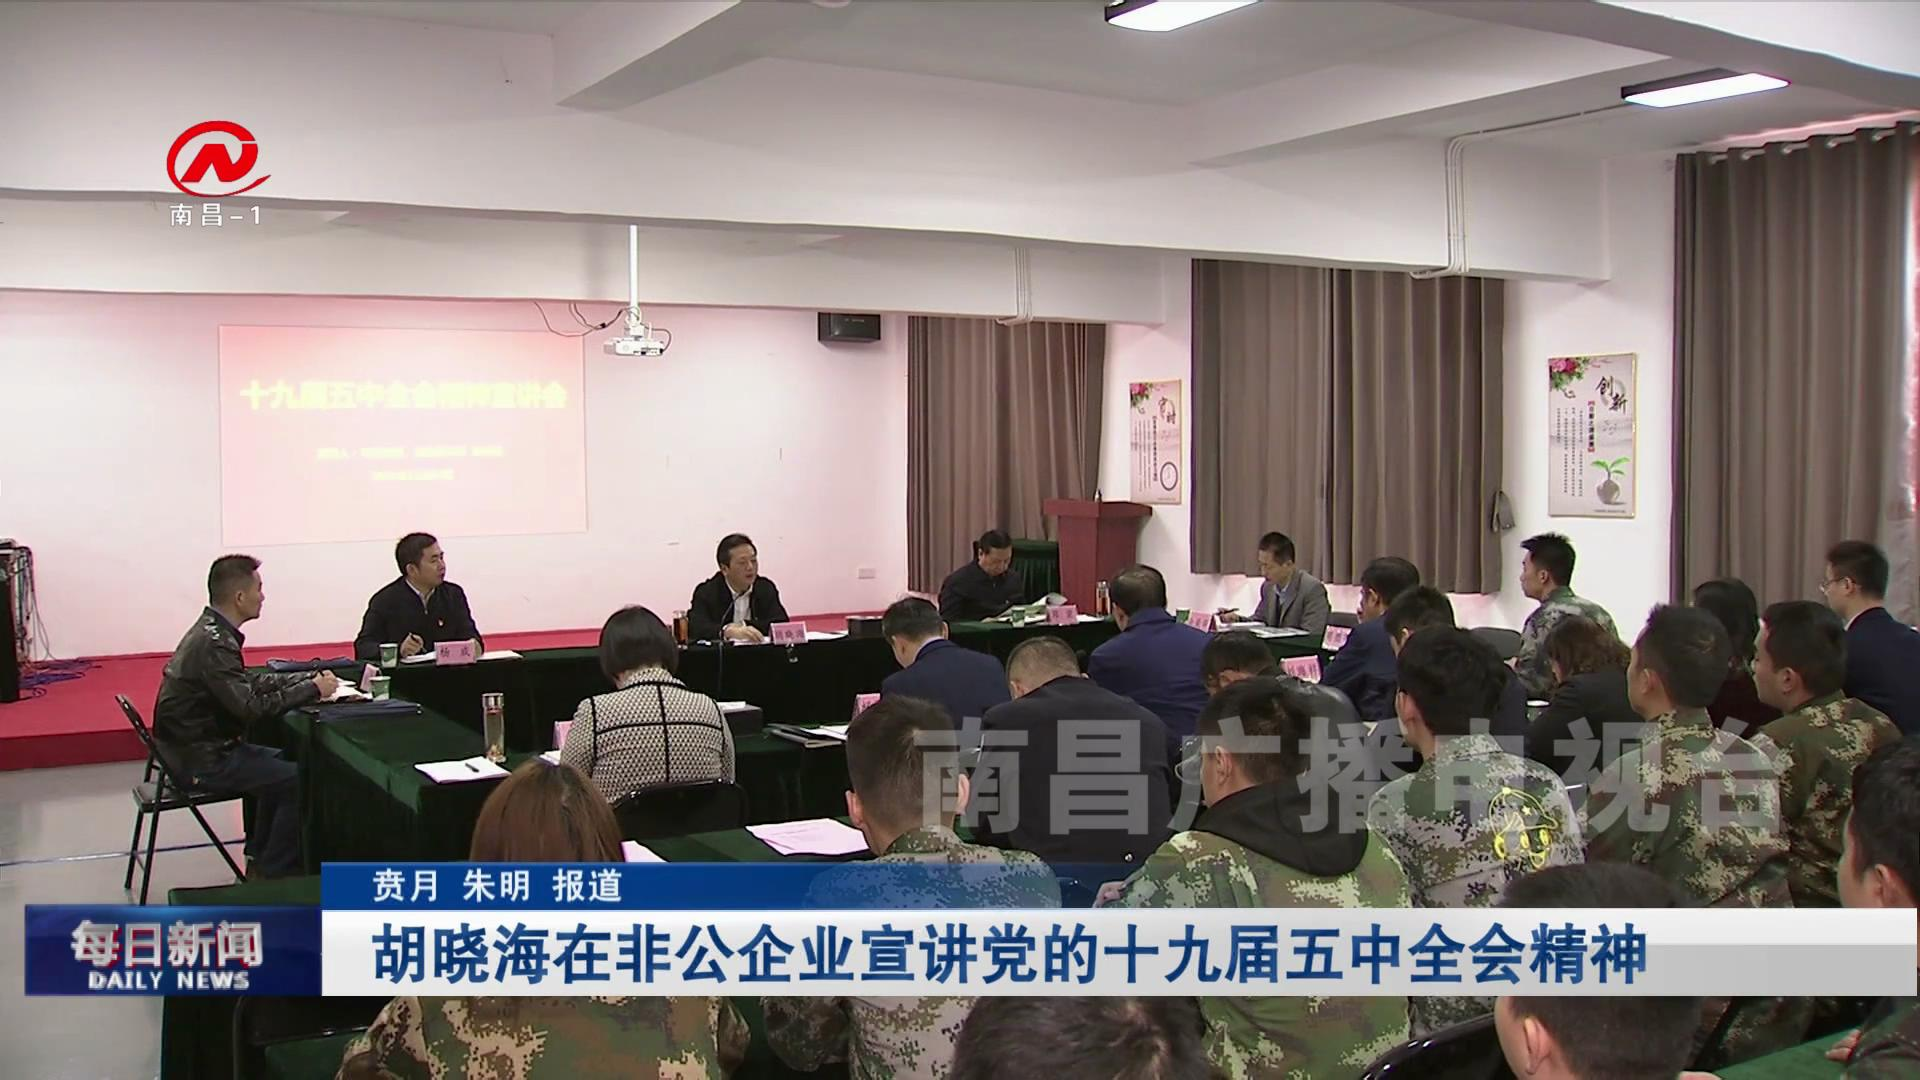 胡晓海在非公企业宣讲党的十九届五中全会精神